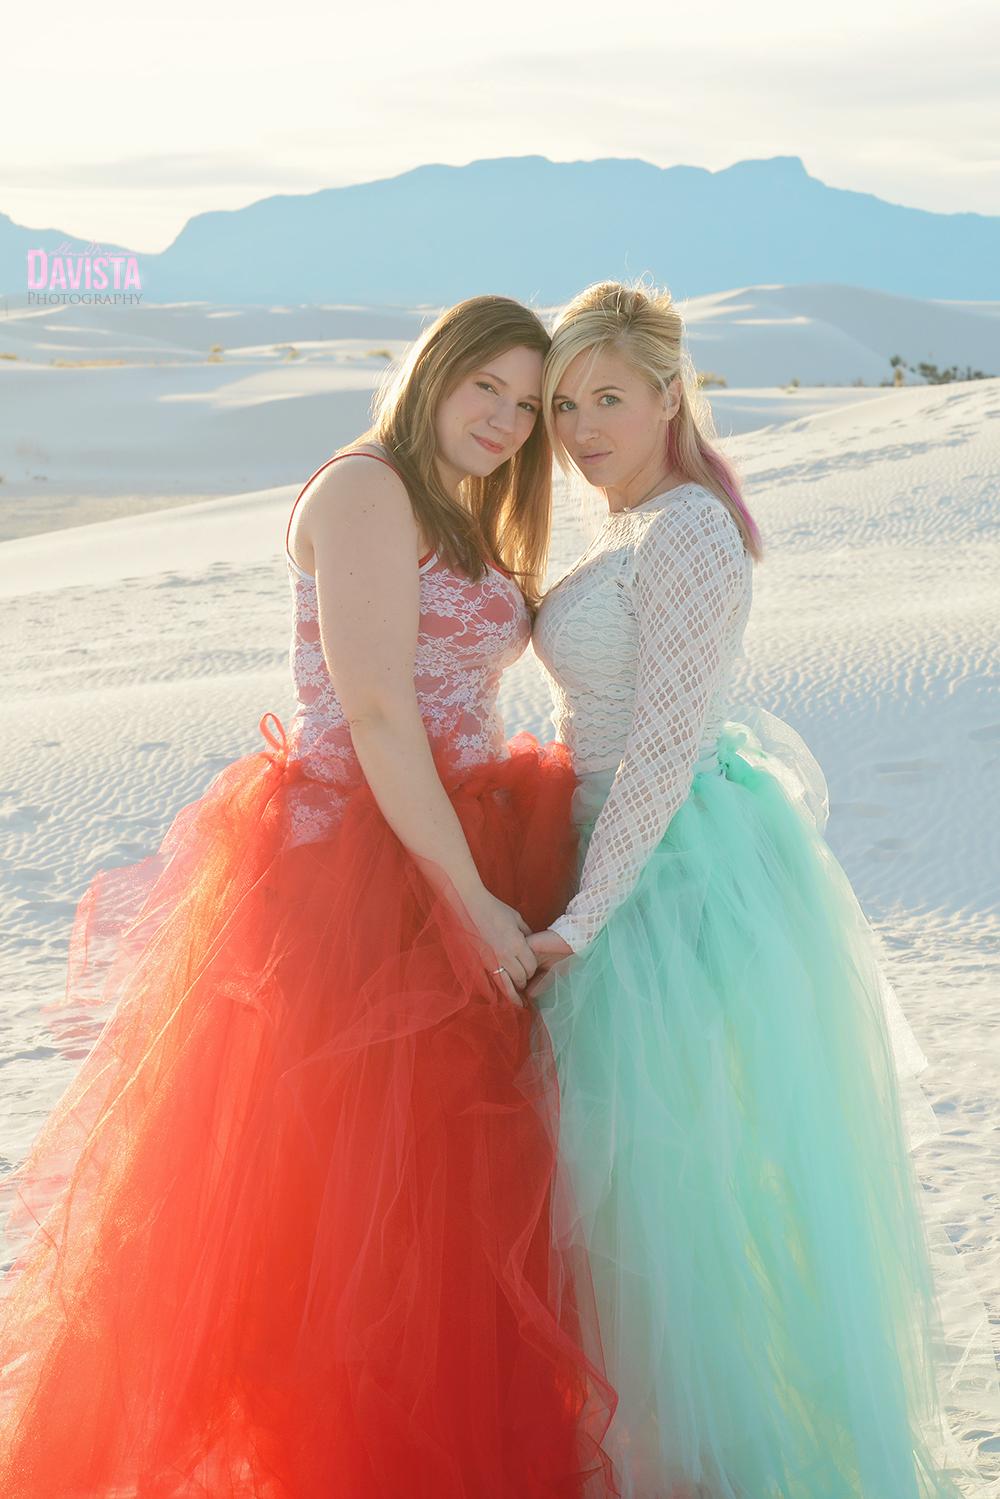 friends-poses-tulle-skirt